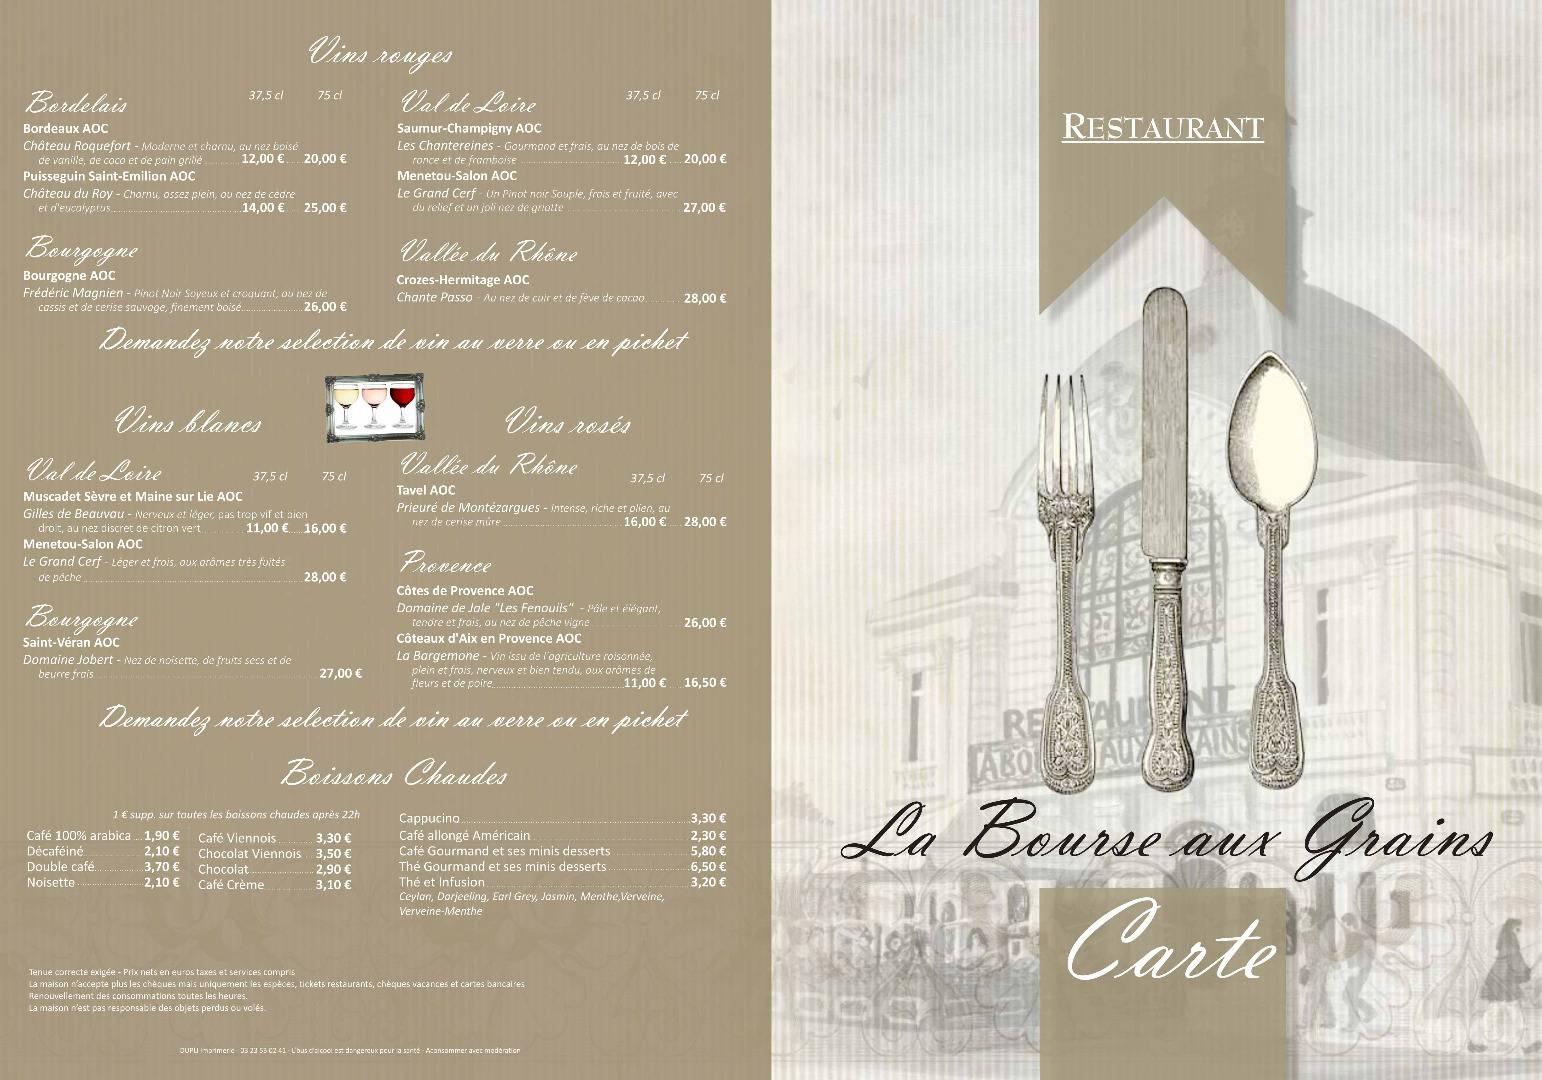 Restaurant Soissons La Bourse Aux Grains : Carte des menus recto